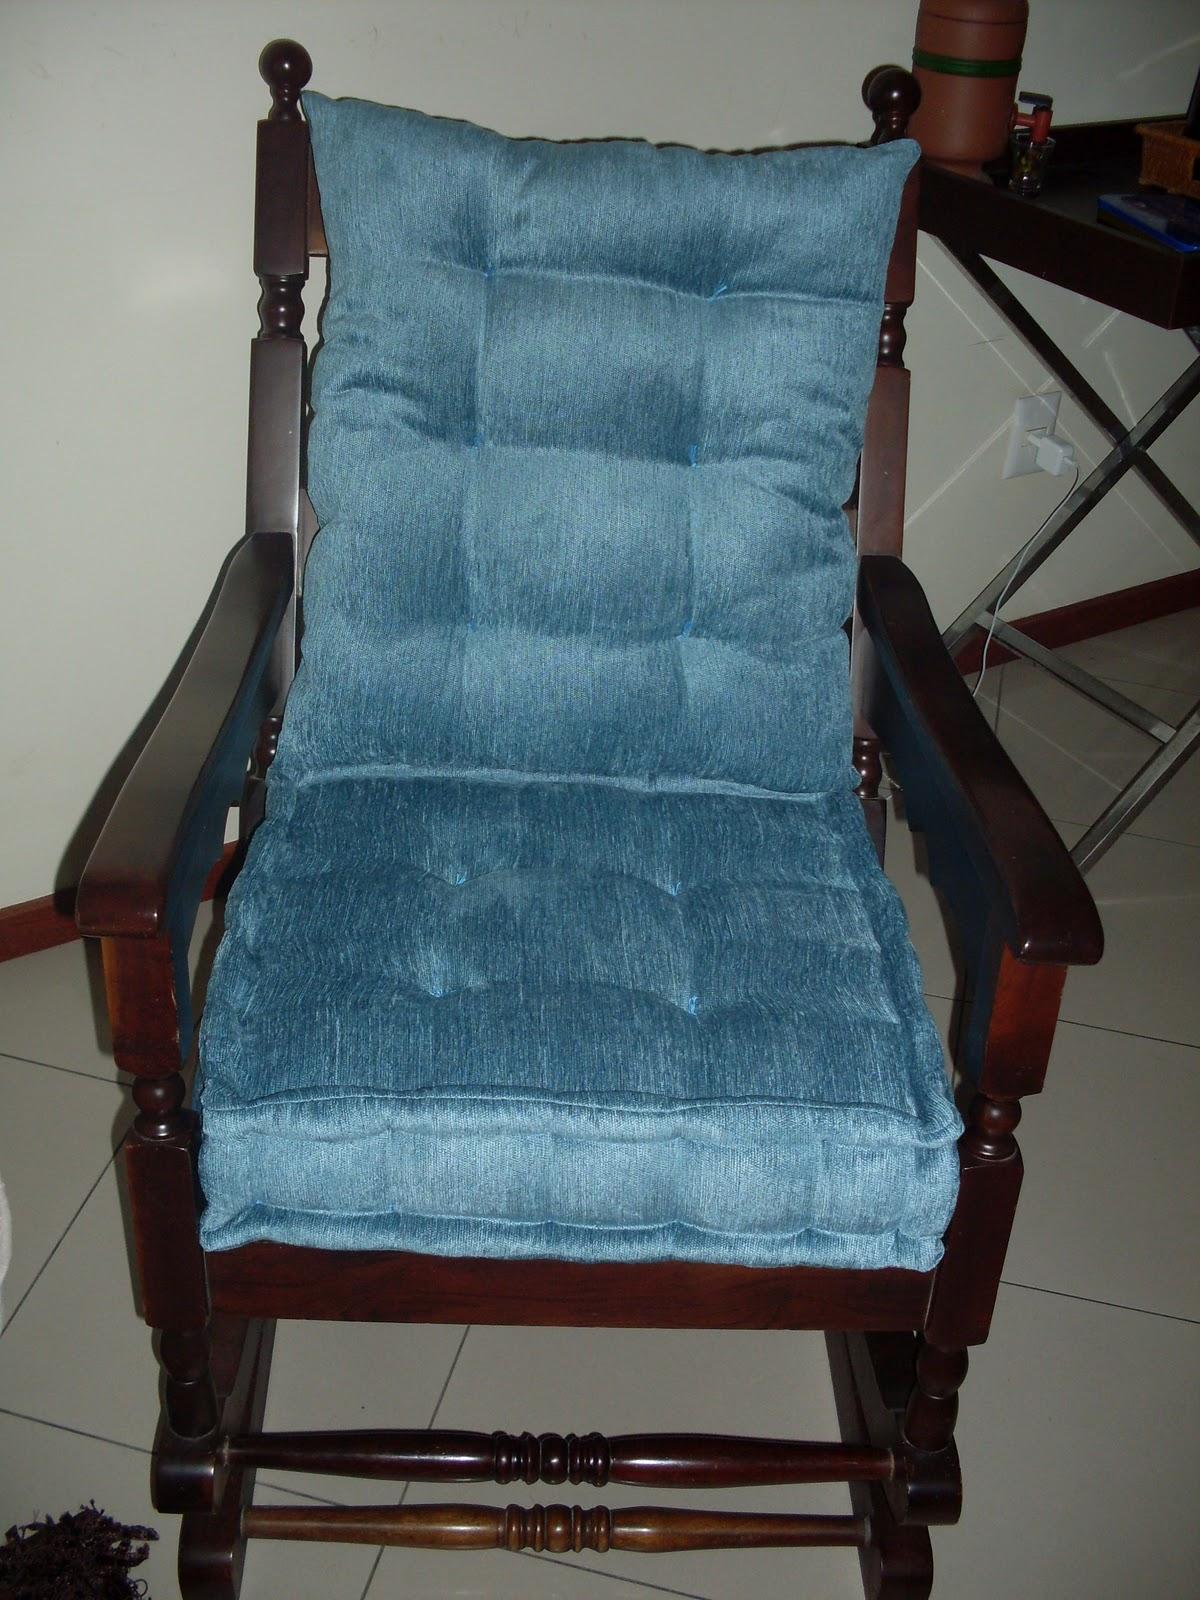 Carmen: Futton de Chenili Para Cadeira de Balanço #284F62 1200x1600